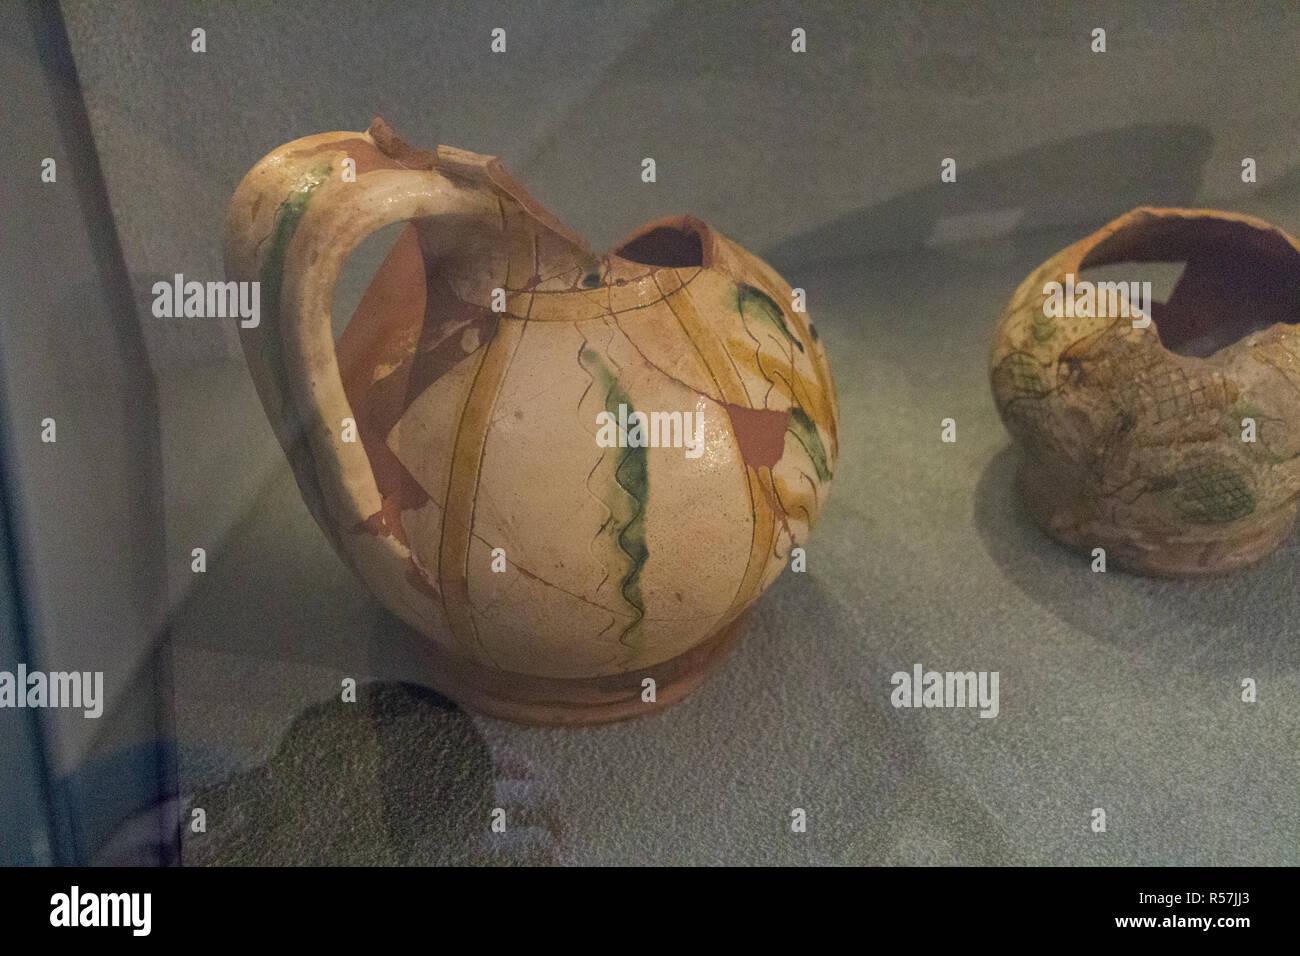 L'Italie, Brescia - 24 décembre 2017: le point de vue des anciens sujets d'utilisation quotidienne dans le musée de Santa Giulia le 24 décembre 2017. Photo Stock